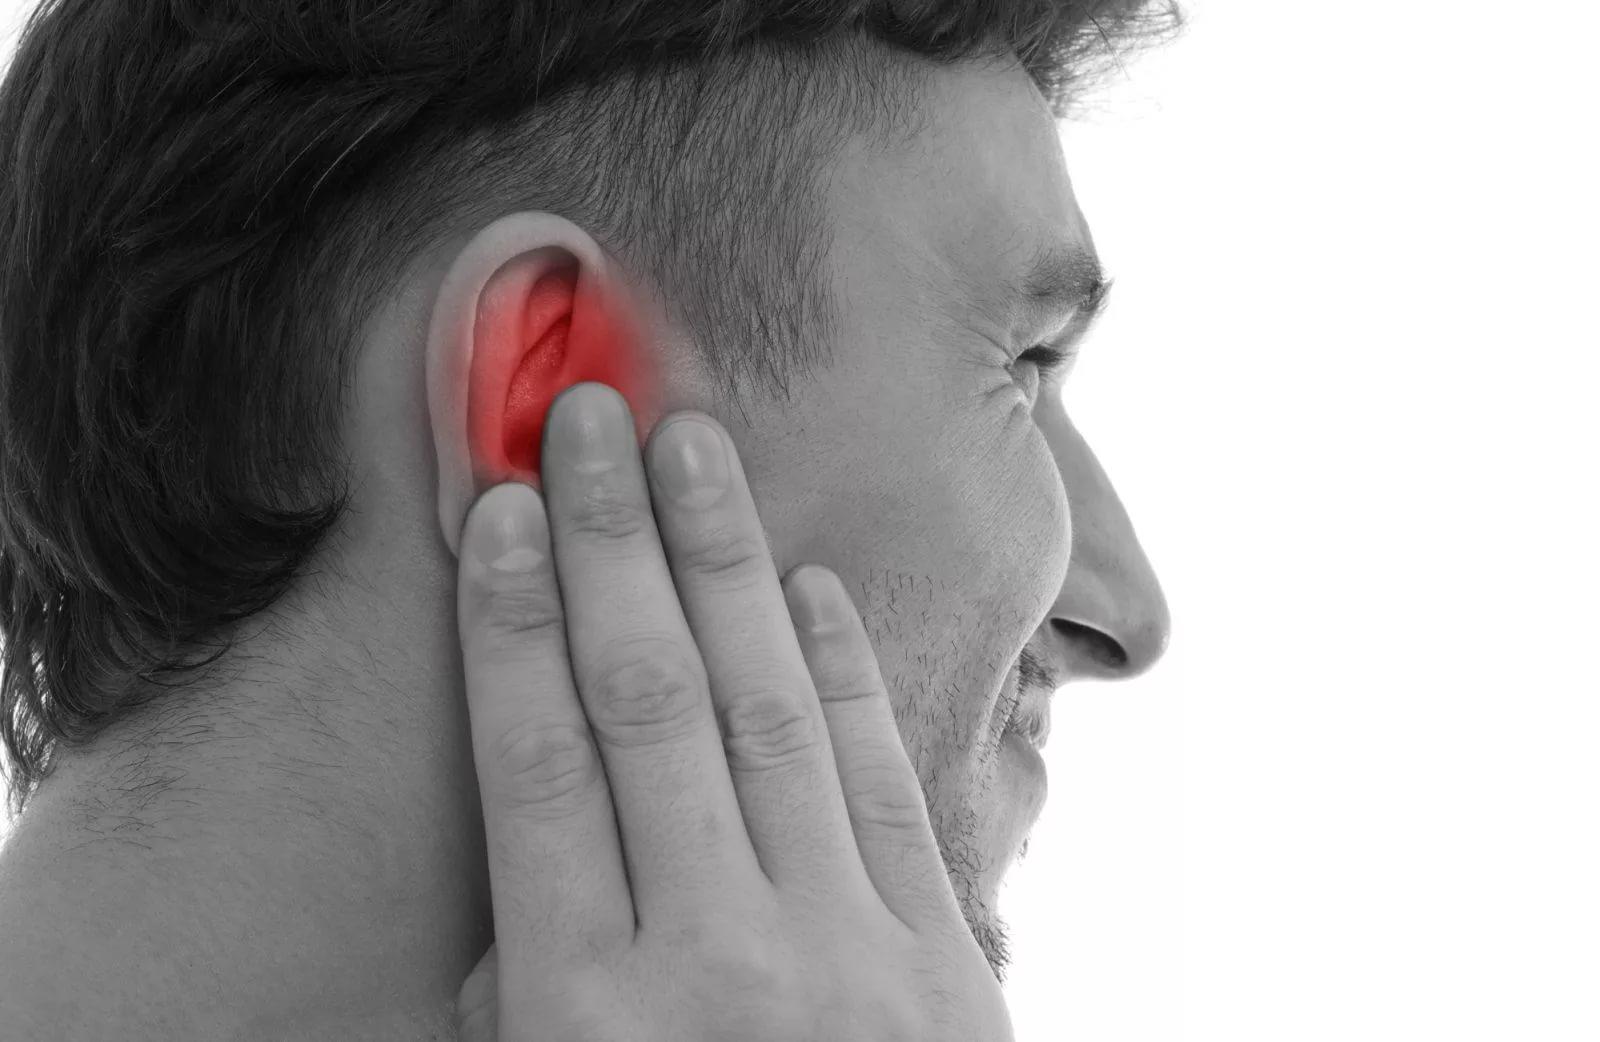 Чем лечить грибок в ухе у людей? Симптомы, народные средства и мази